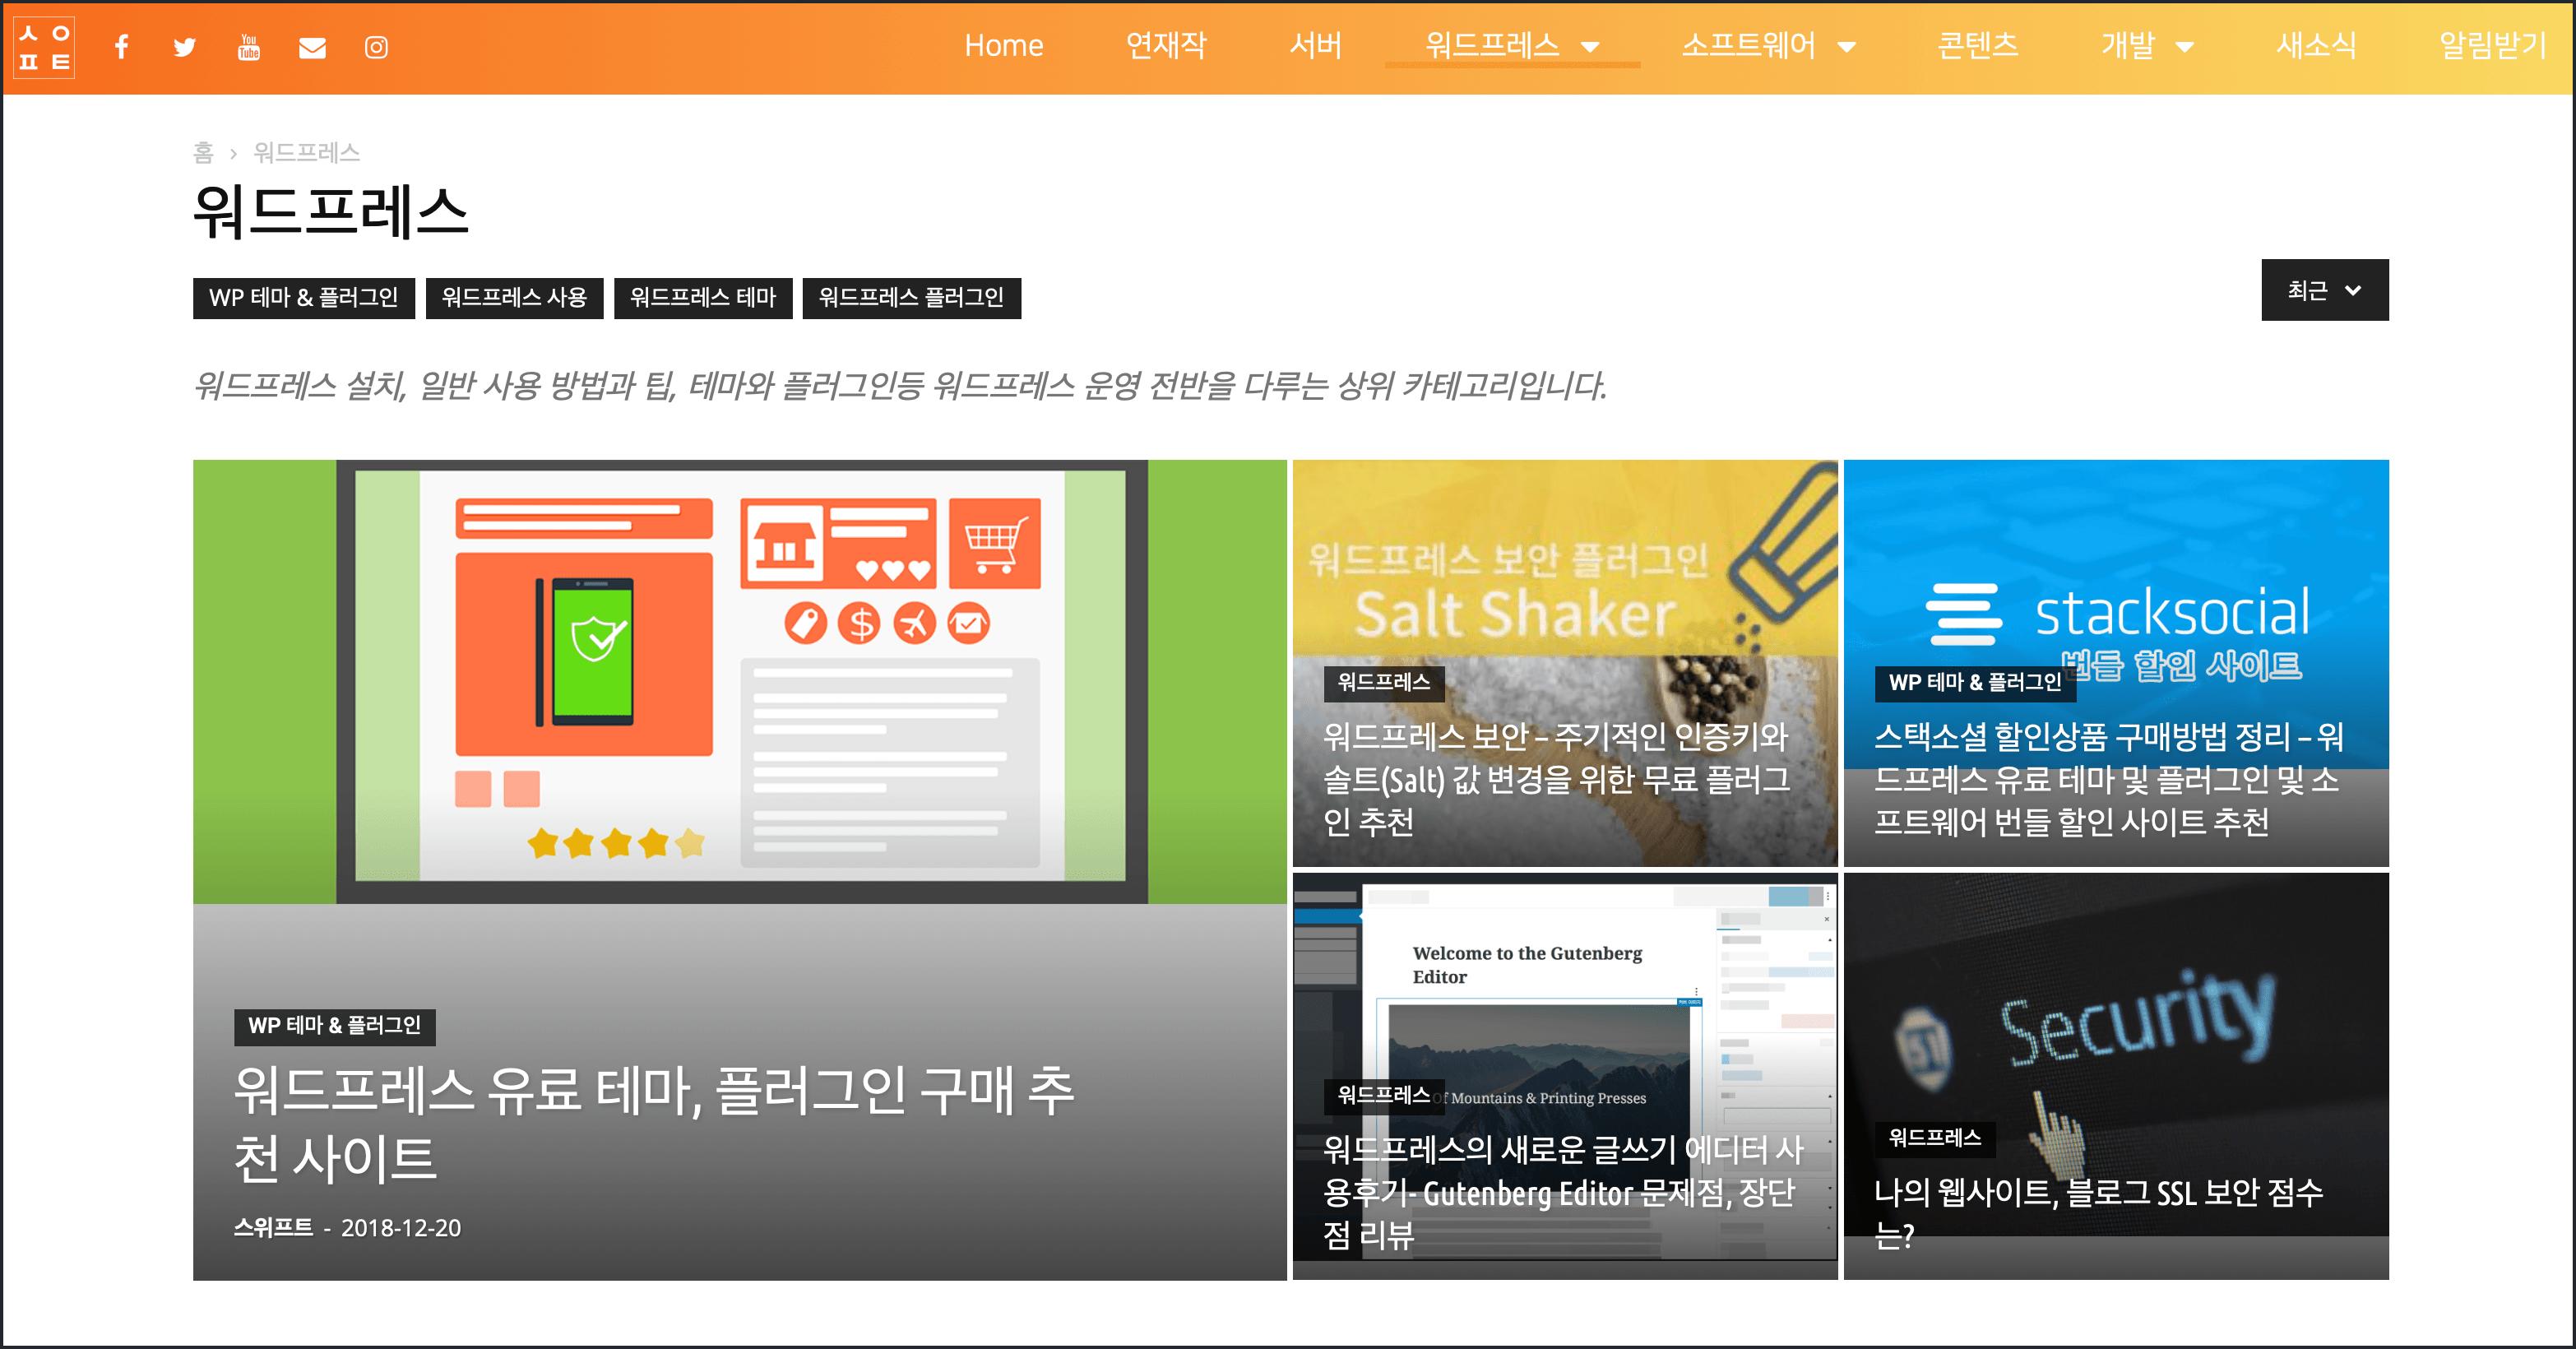 블로그의 워드프레스 카테고리 화면에 스티키메뉴바가 적용된 모습